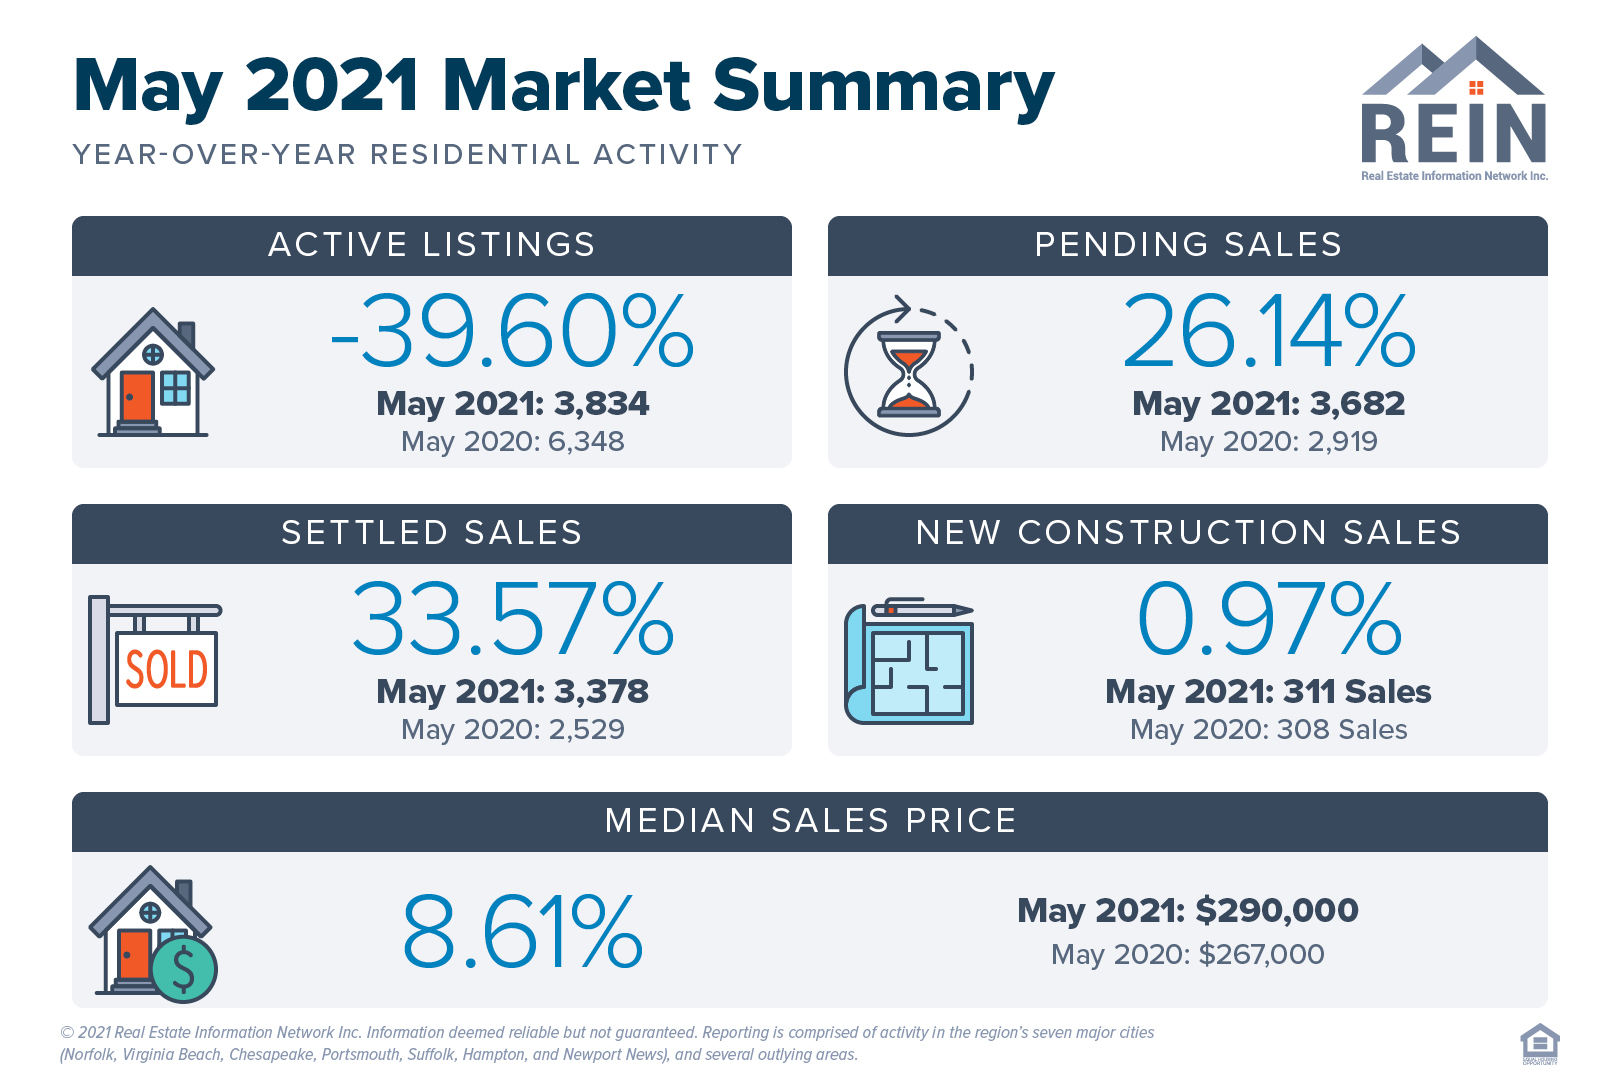 May 2021 Market Summary